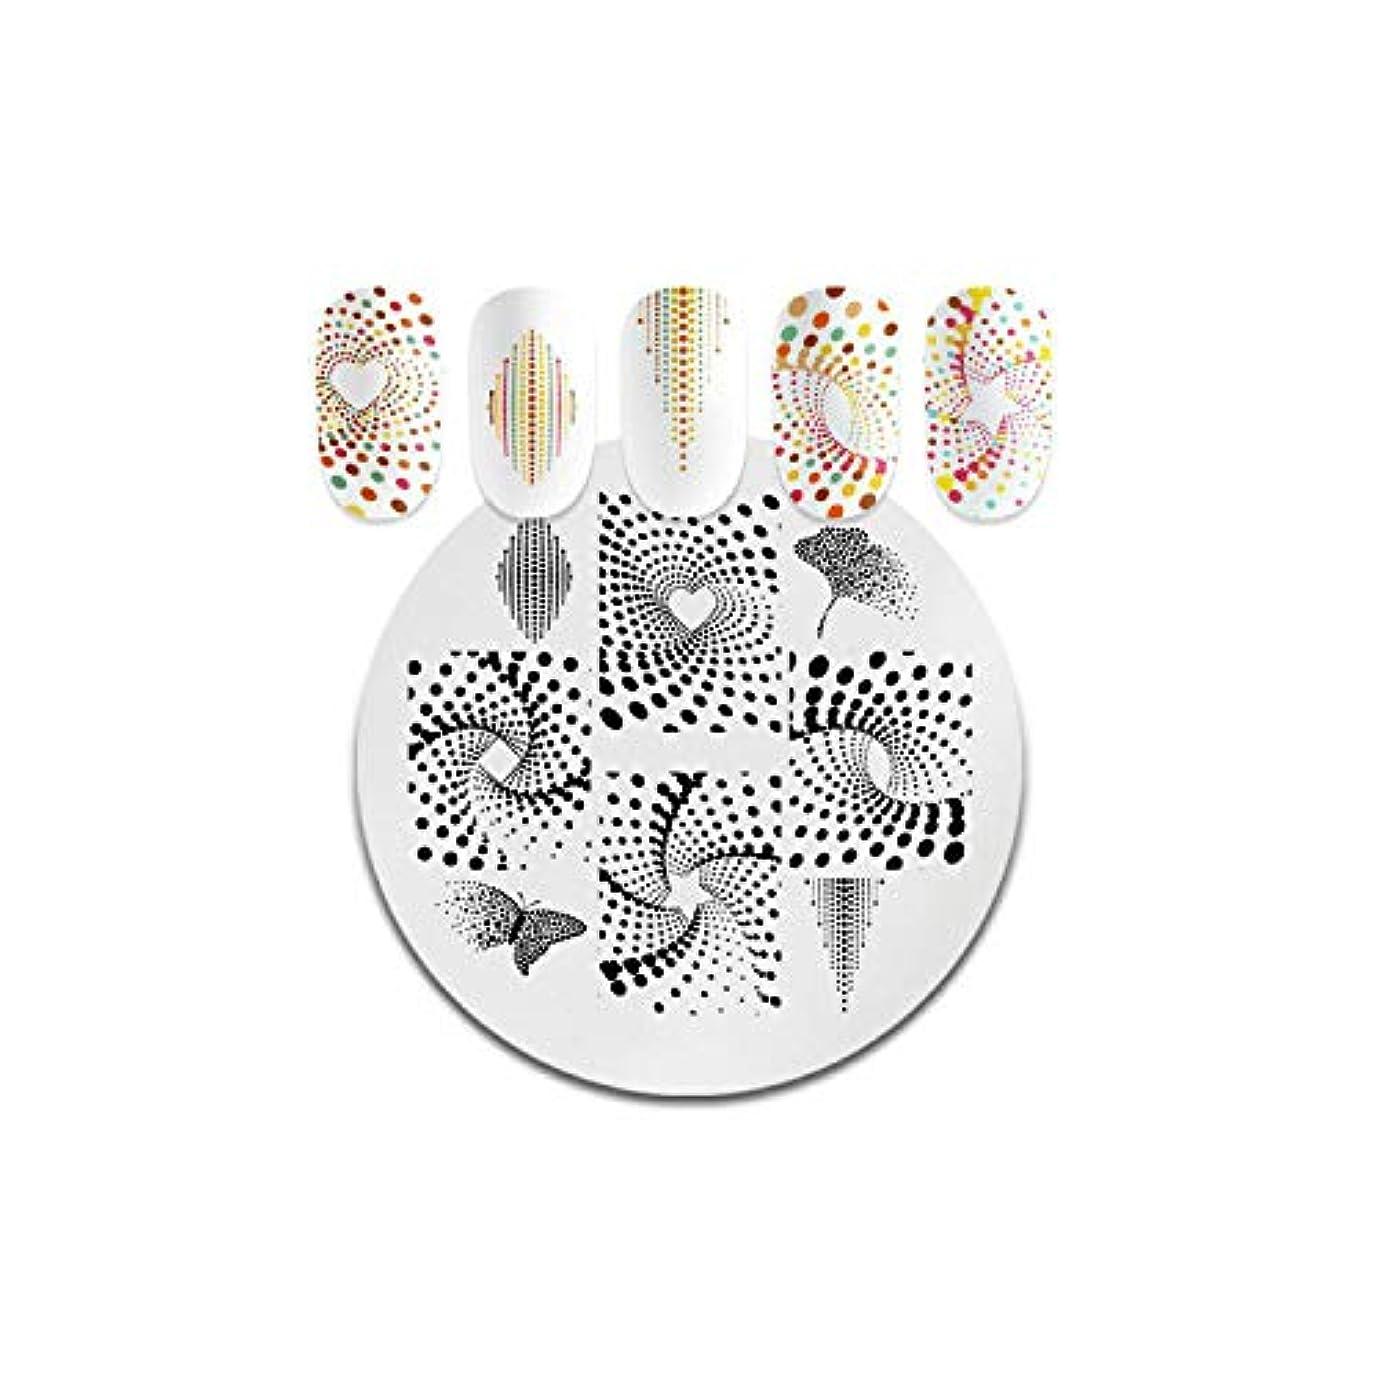 適応する光電消化器AKIROKスクエアラウンドネイルスタンピングプレート動物パターンステンレススチールスタンピングテンプレートネイルアートデザインツール,PY-Y002